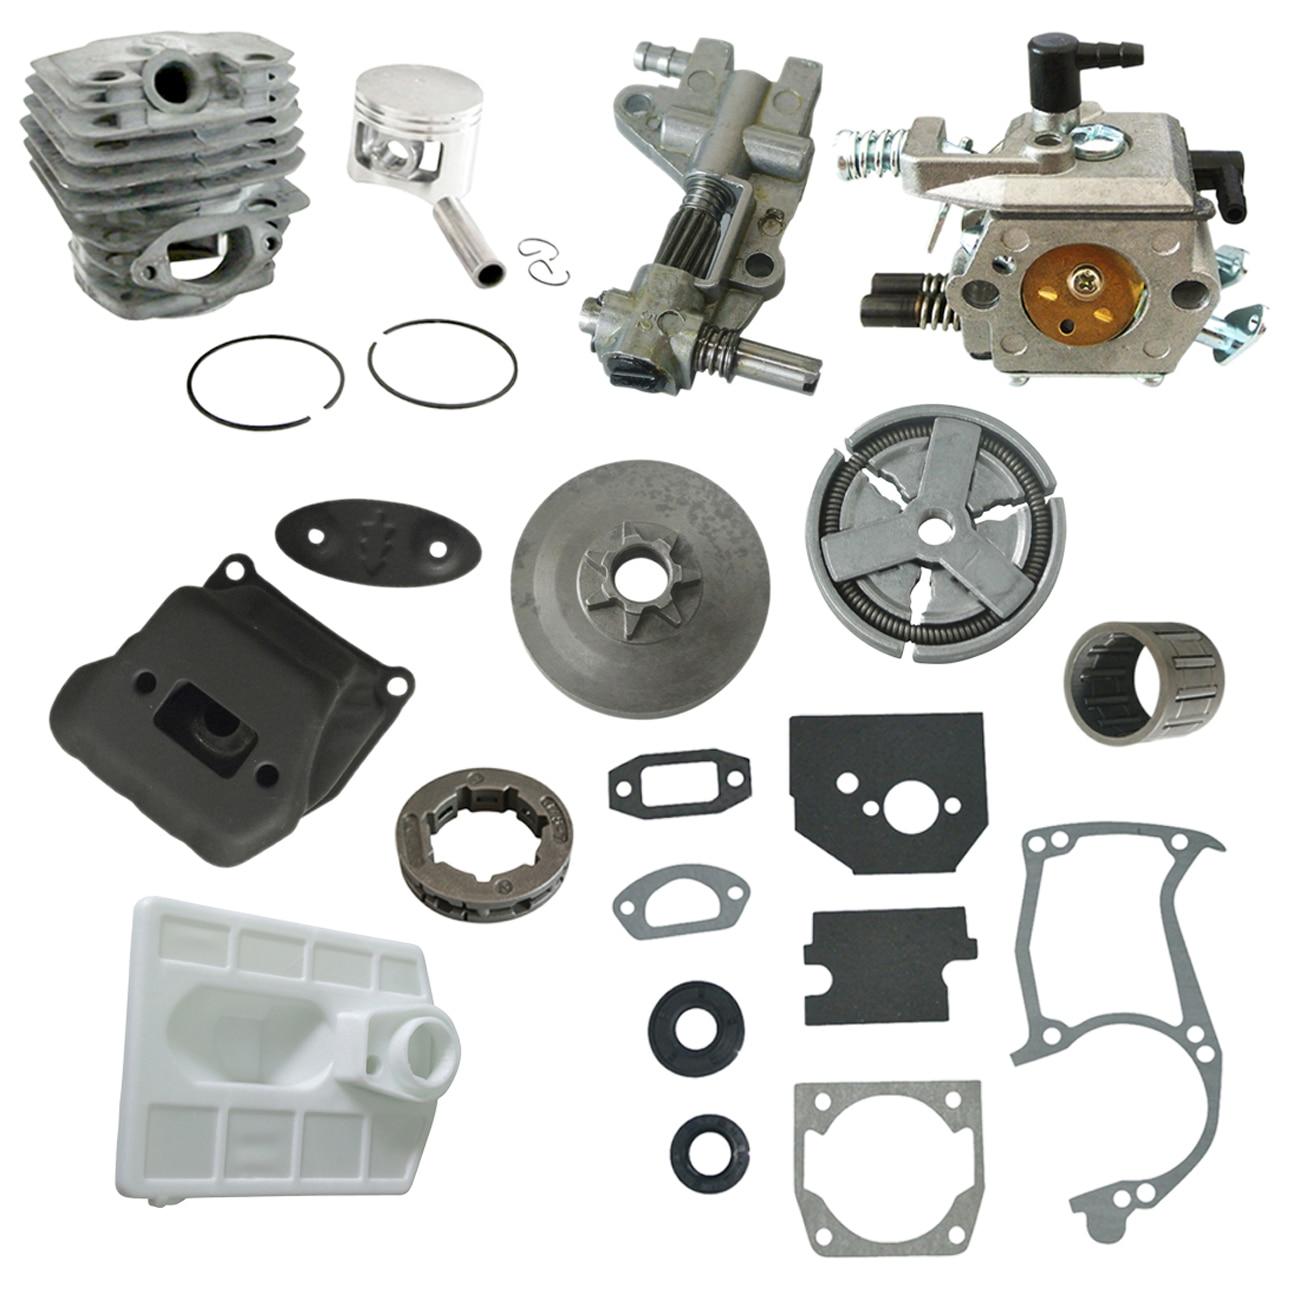 Carburetor Clutch Sprocket Rim Cylinder Exhaust Muffler Kit Fit 5200 Raptor Saw